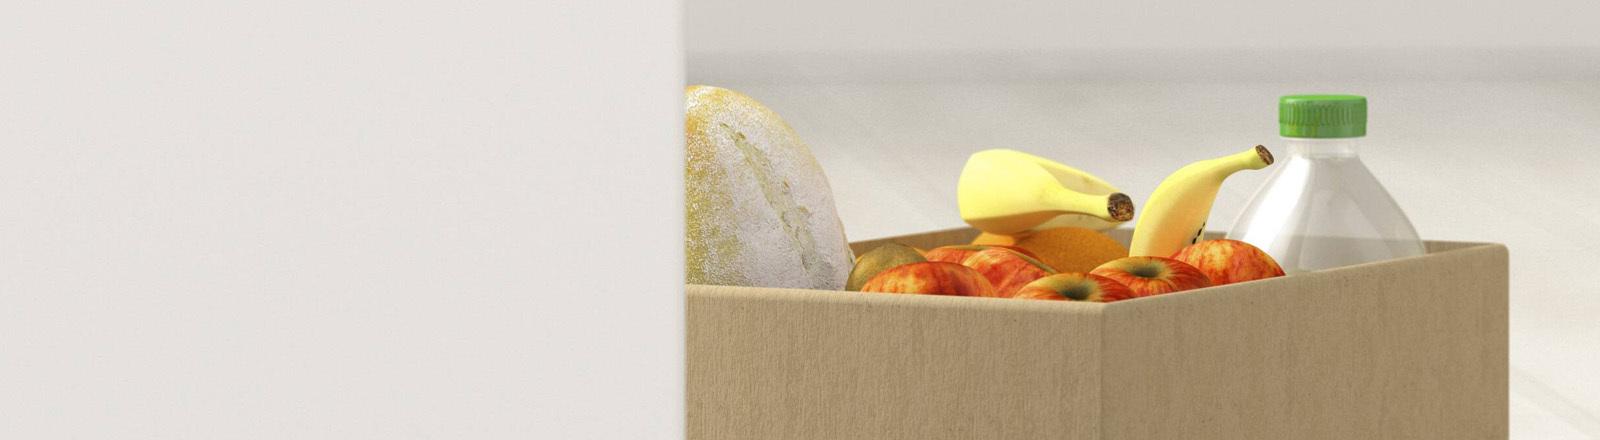 Kiste mit Äpfeln, Bananen, Brot und Wasser